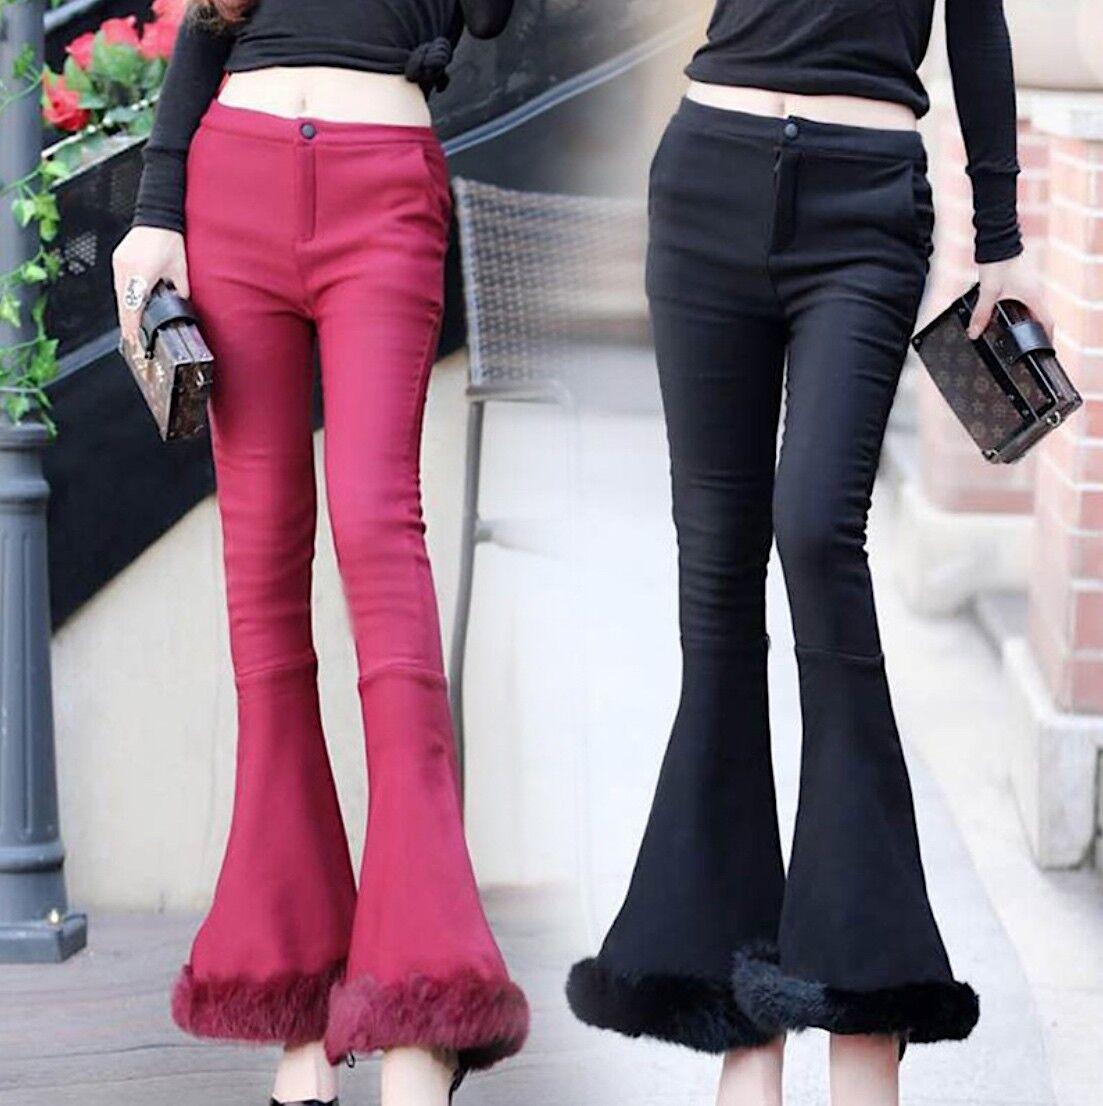 Pantaloni women Zampa Invernali - Woman 70s Winter Throusers TRA005